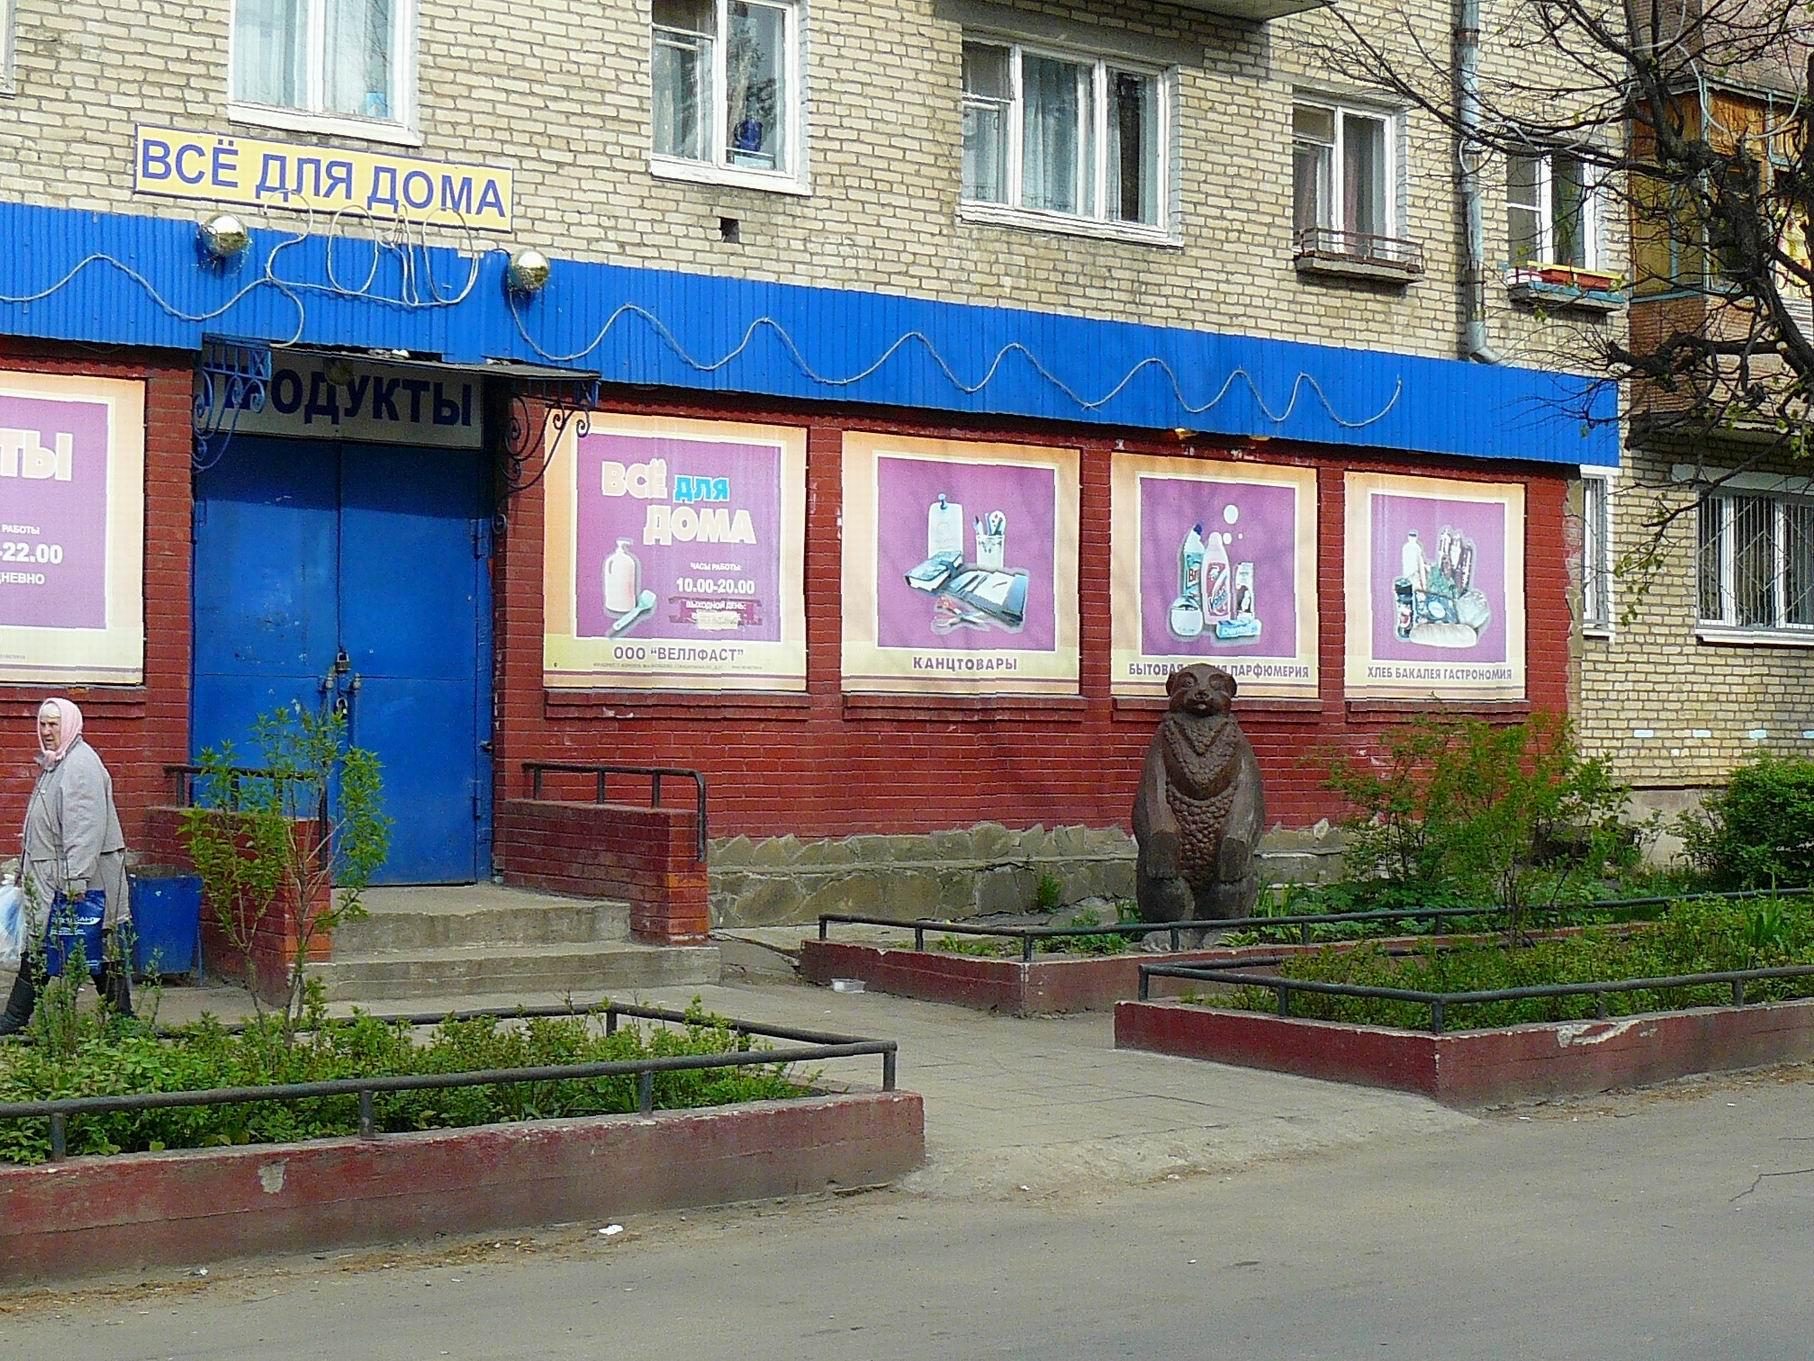 http://pics.livejournal.com/pushkino_2009/pic/000k18x0